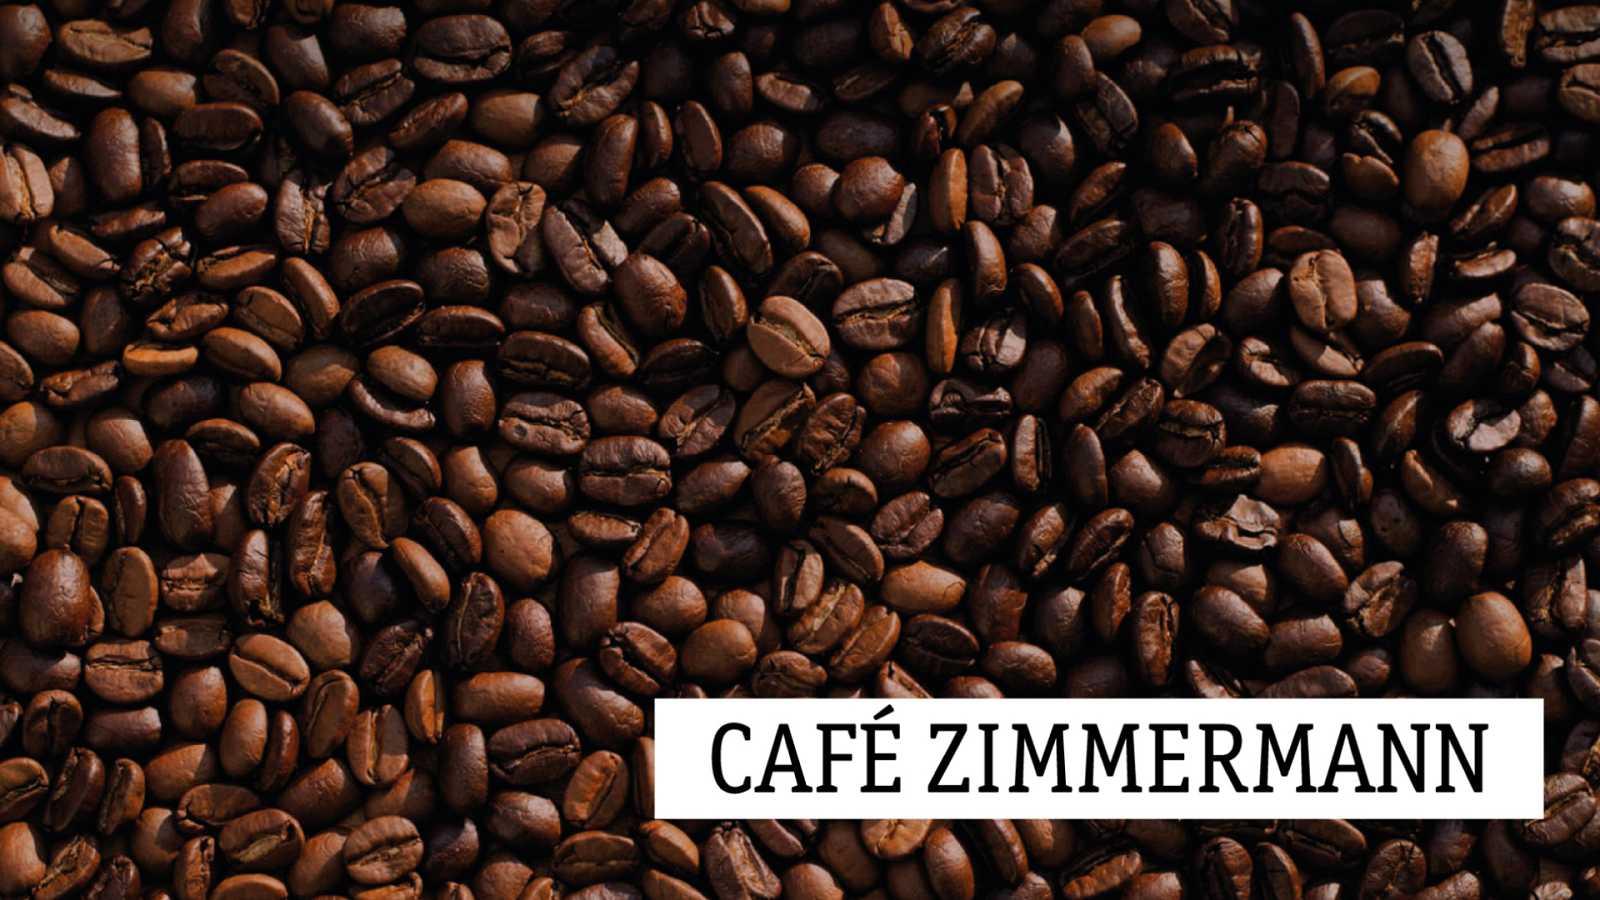 Café Zimmermann - El lobo - 02/03/21 - escuchar ahora